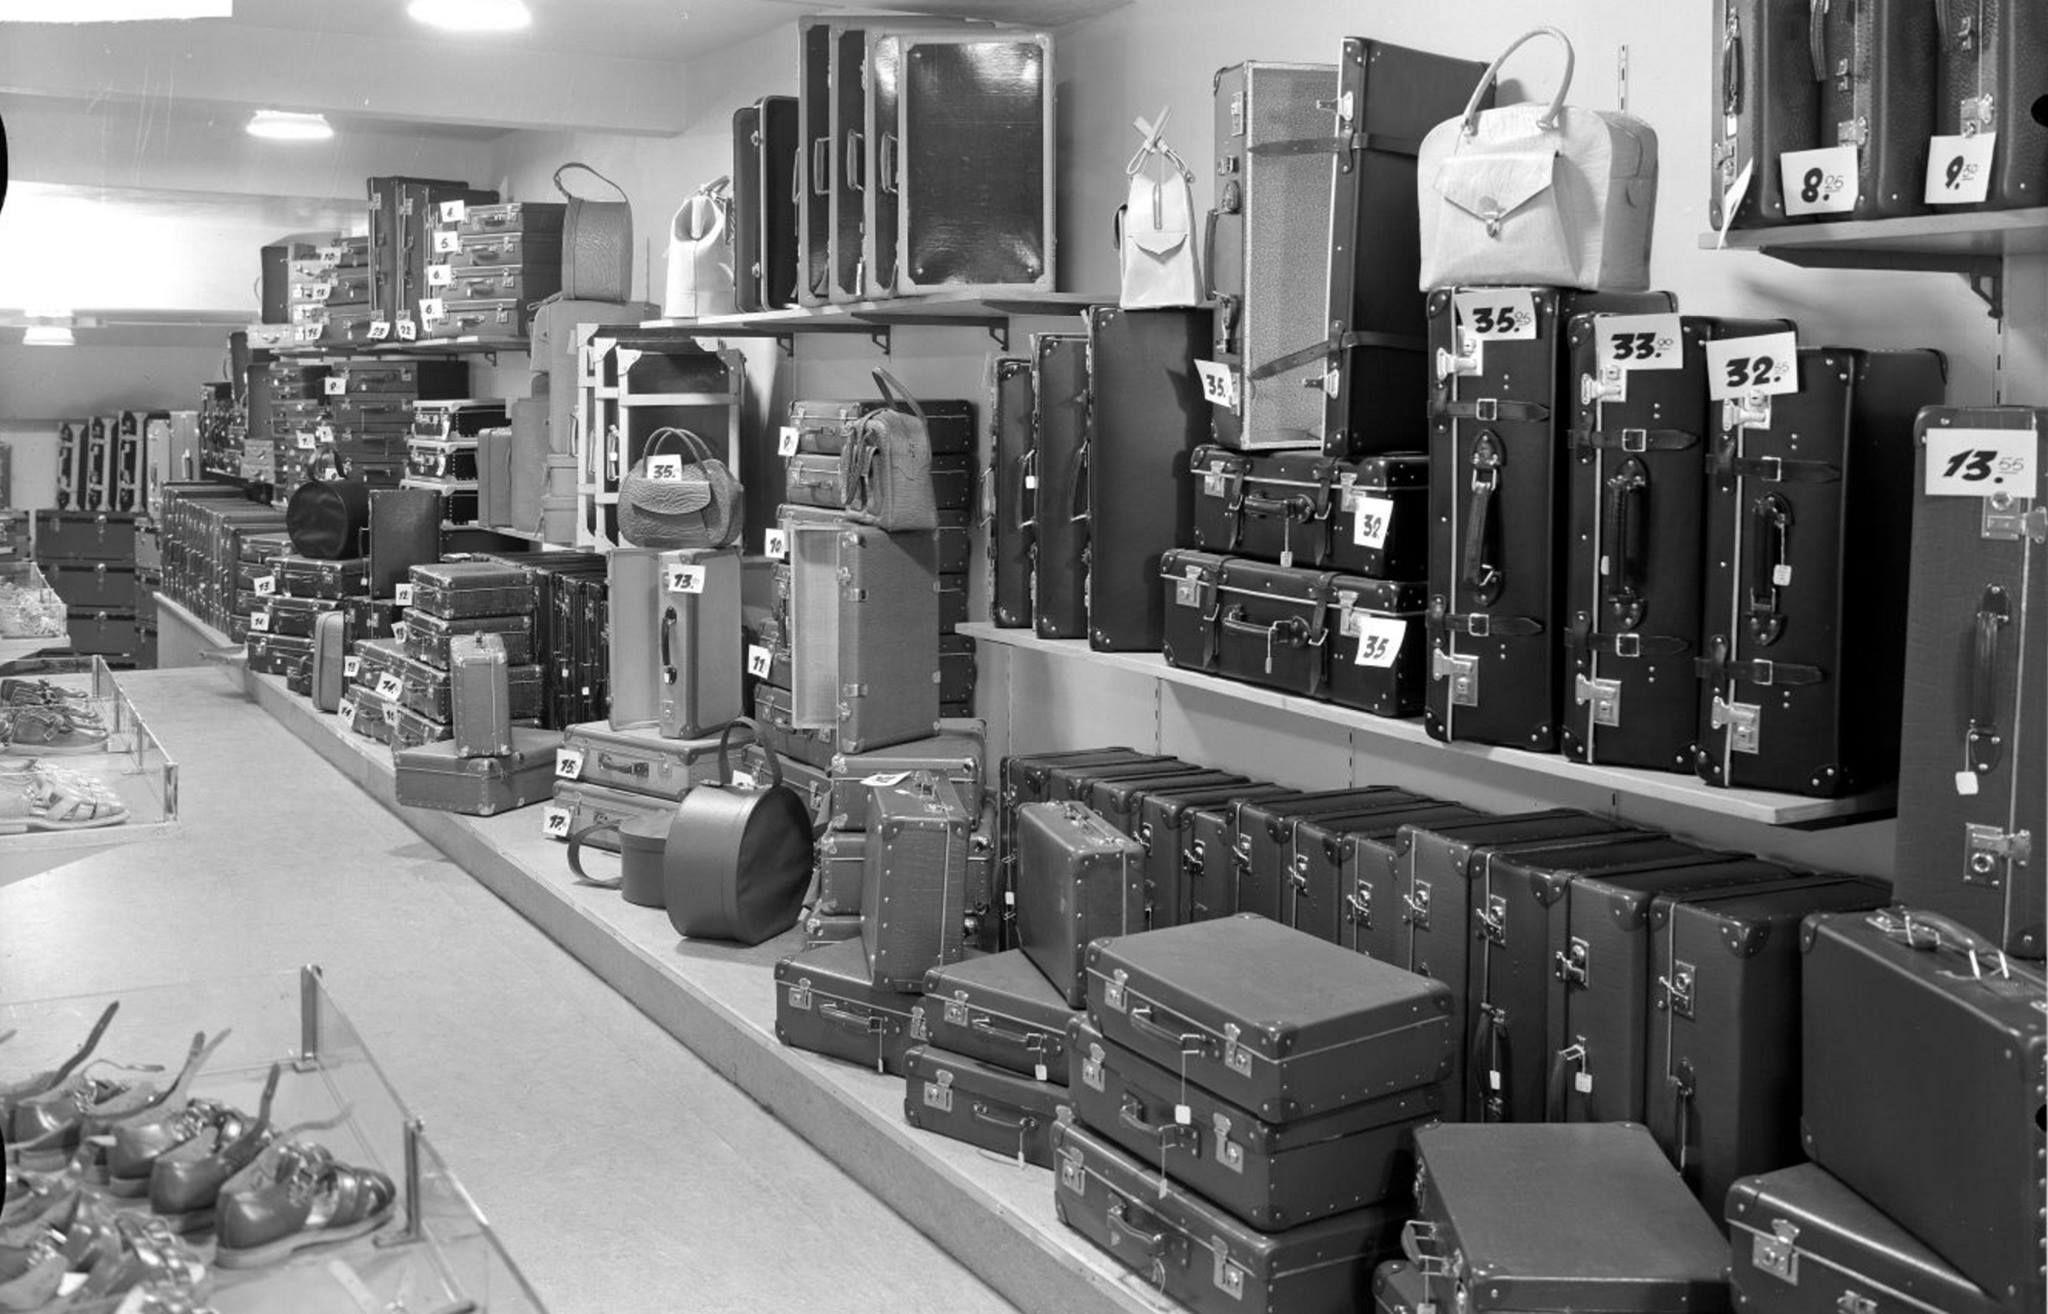 Tassen Leiden : Gezicht op de afdeling tassen en koffers van warenhuis